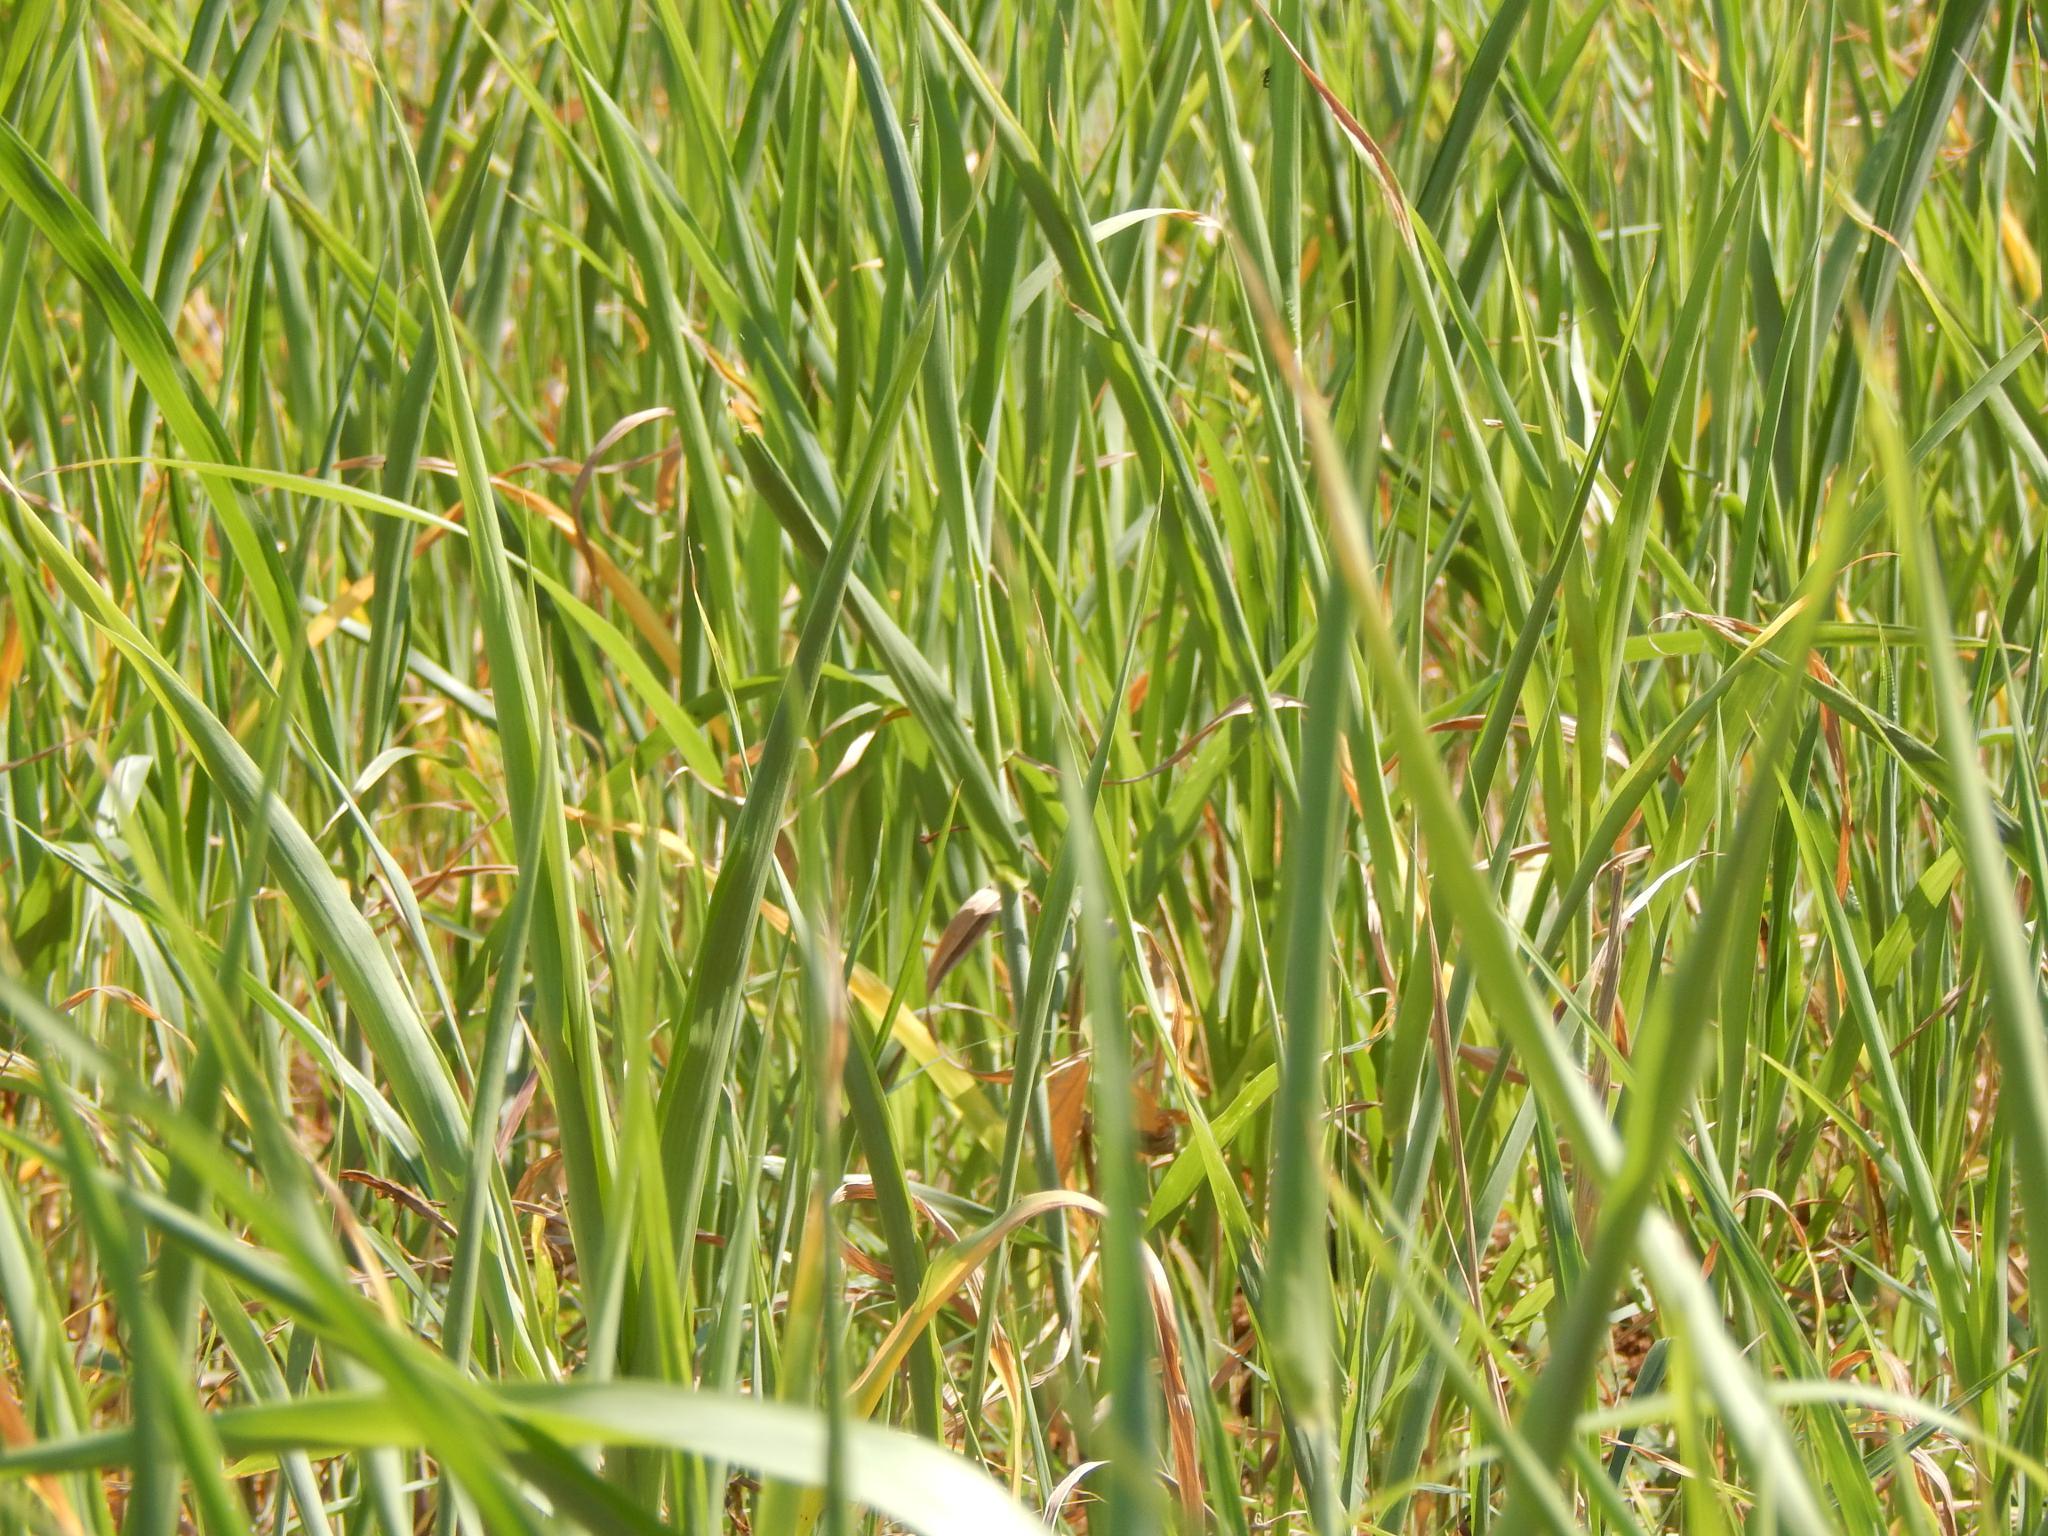 Grass by DineshRaju